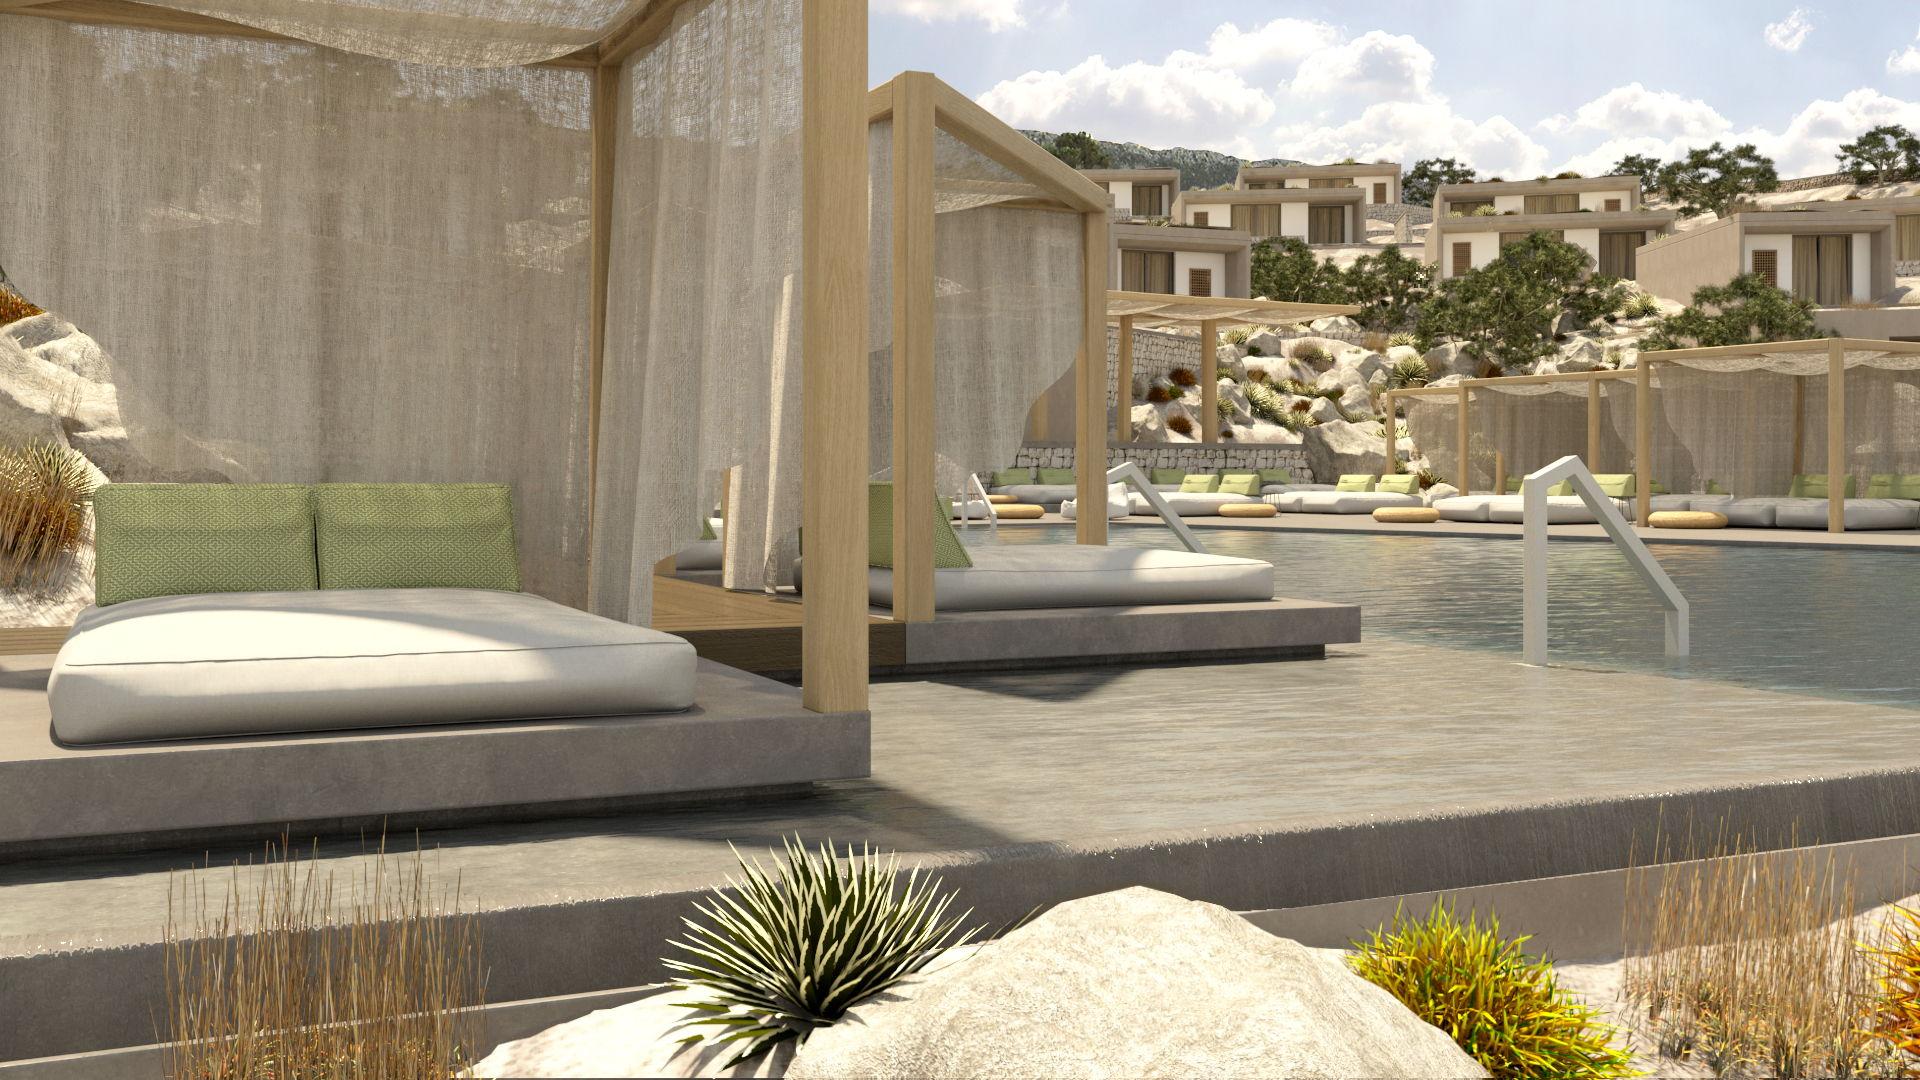 Hotel complex in Kokkino Chorio, pool and poolside, landscaping, facades. Ξενοδοχειακό συγκρότημα στο Κόκκινο χωριό, πισίνα, περιβάλλον χώρος, όψεις κτιρίων.